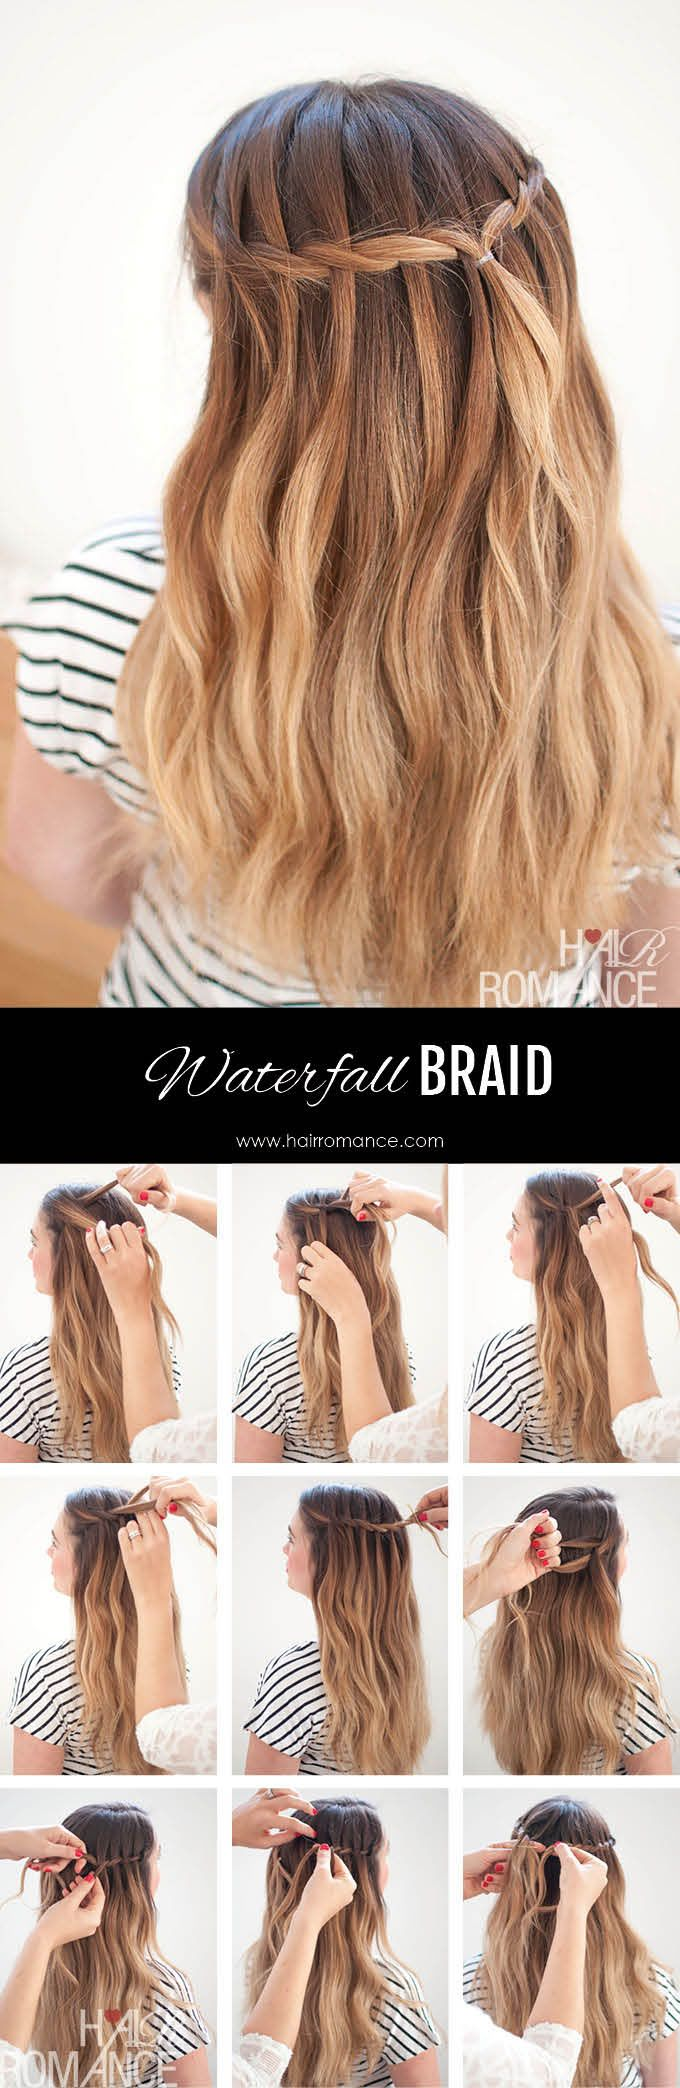 Waterfall Mermaid Braid Tutorial for Long Hair - Hair Romance